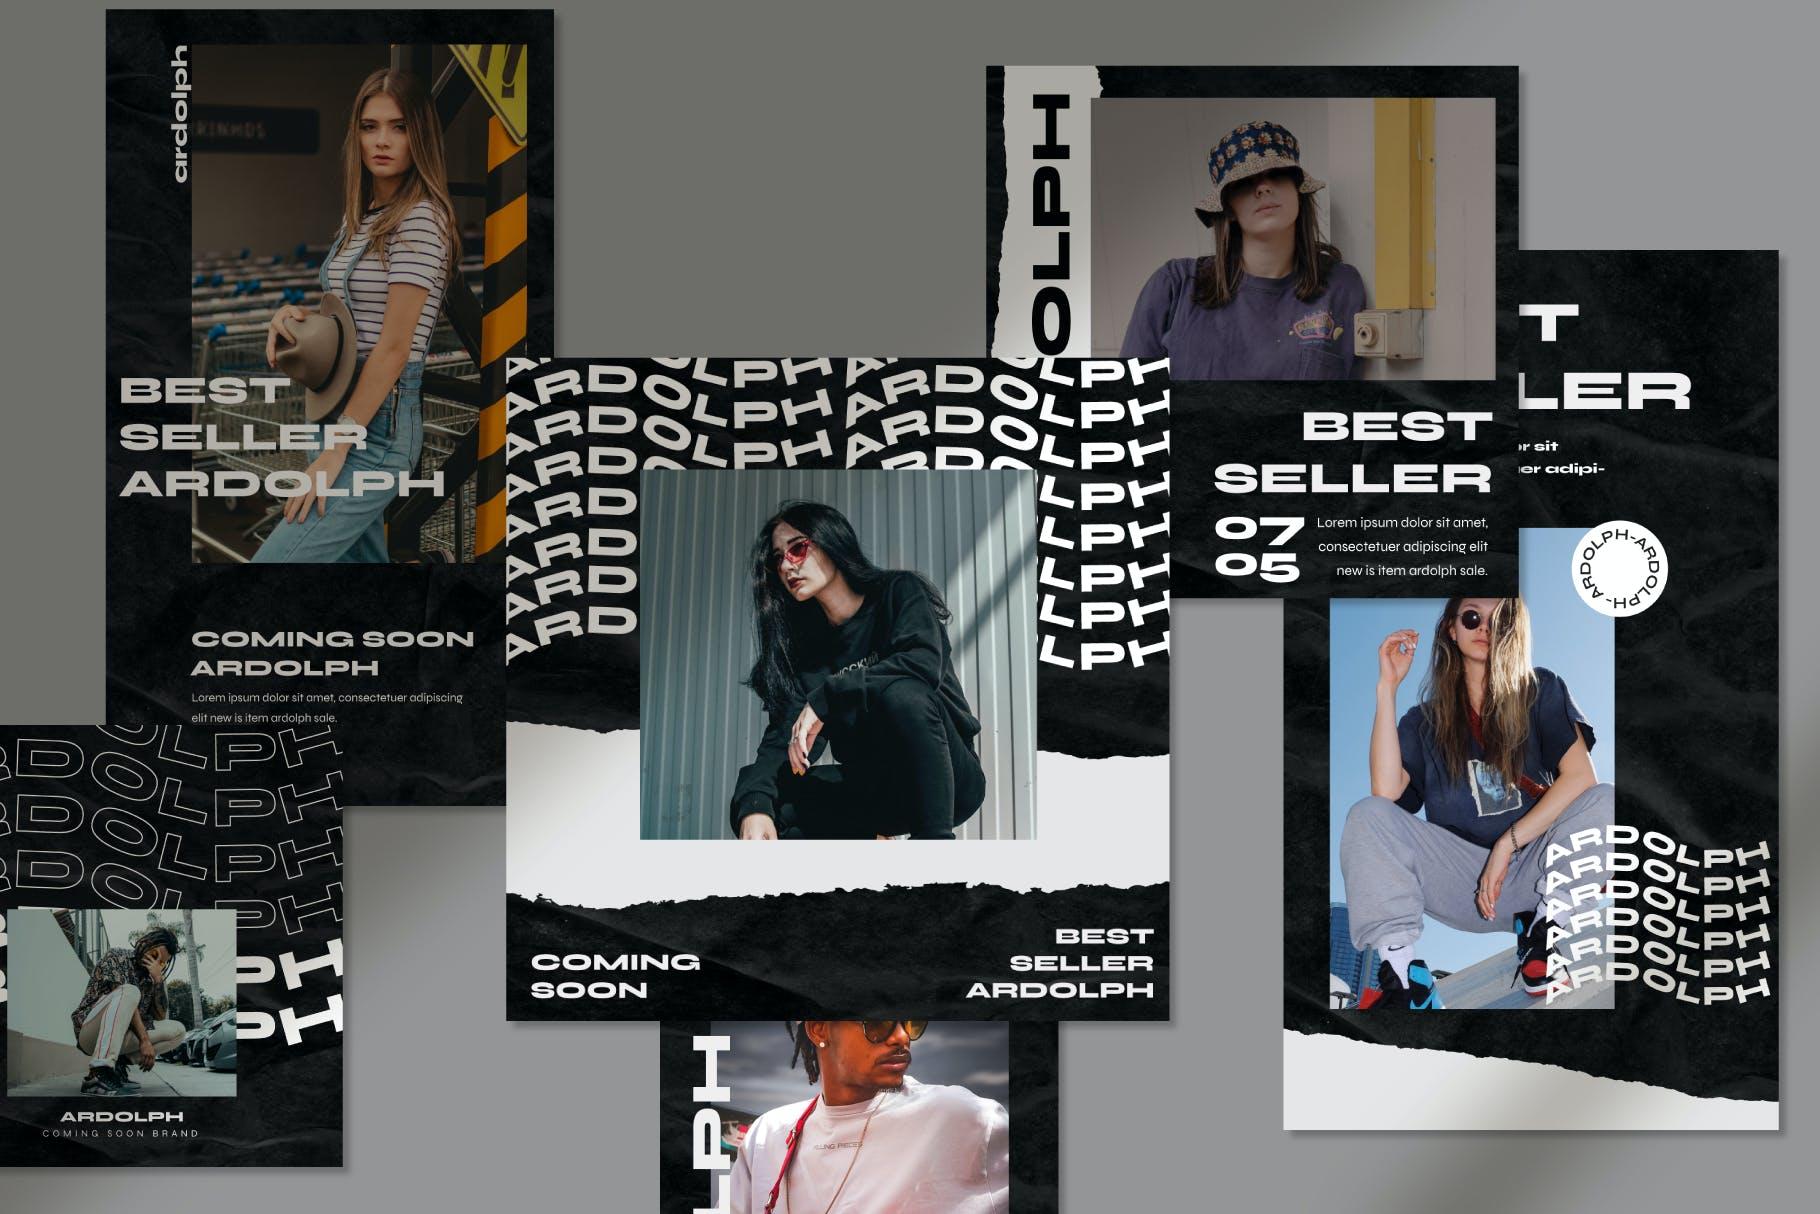 时尚撕纸效果街头潮牌品牌推广新媒体海报设计PSD模板 Ardolph – Instagram Post and Stories插图(2)